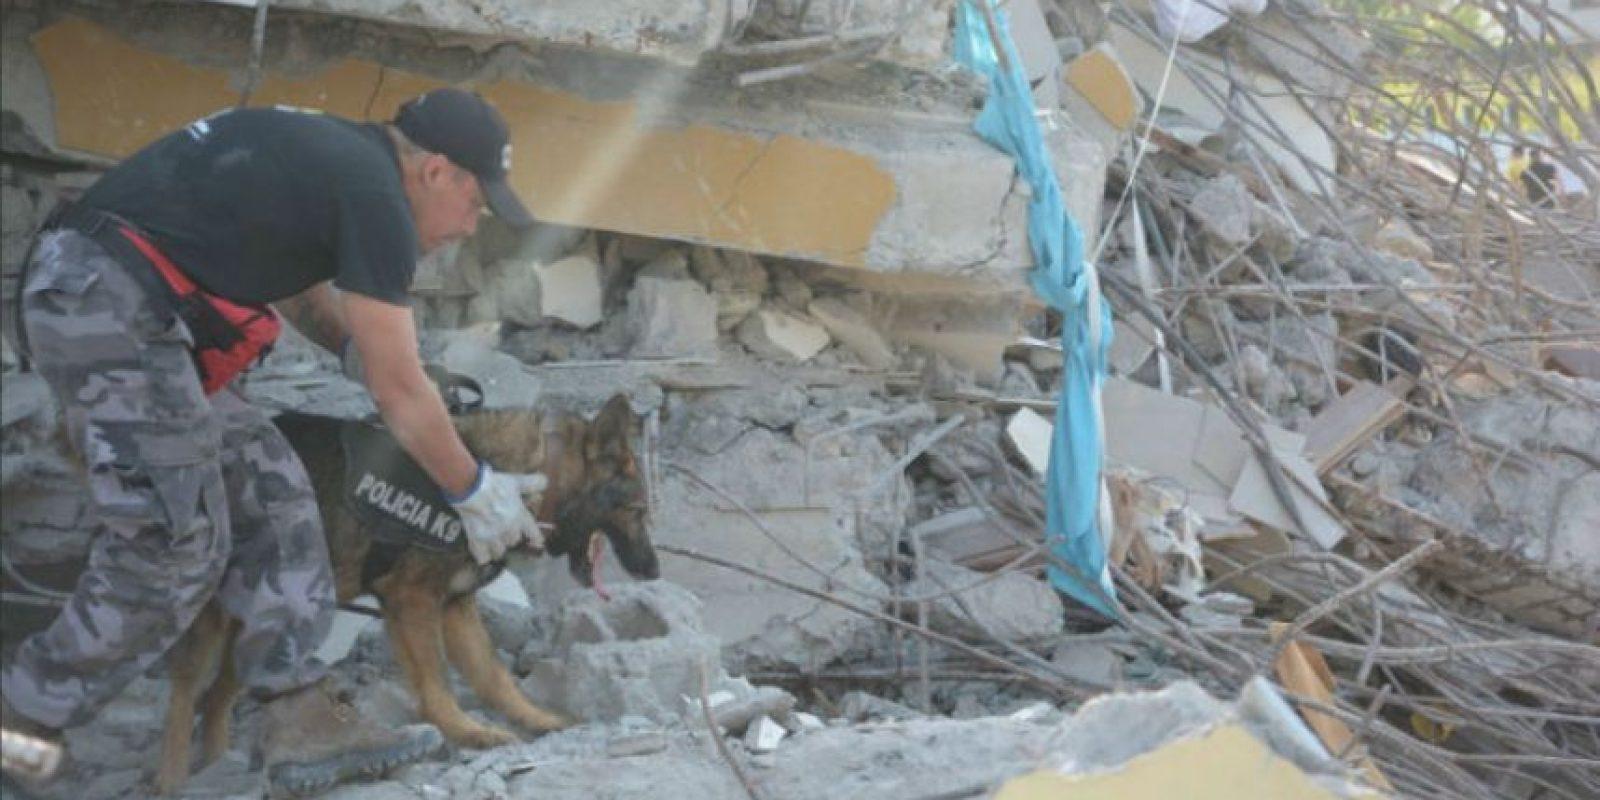 Otros animales rescatados Foto:facebook.com/policia.ecuador